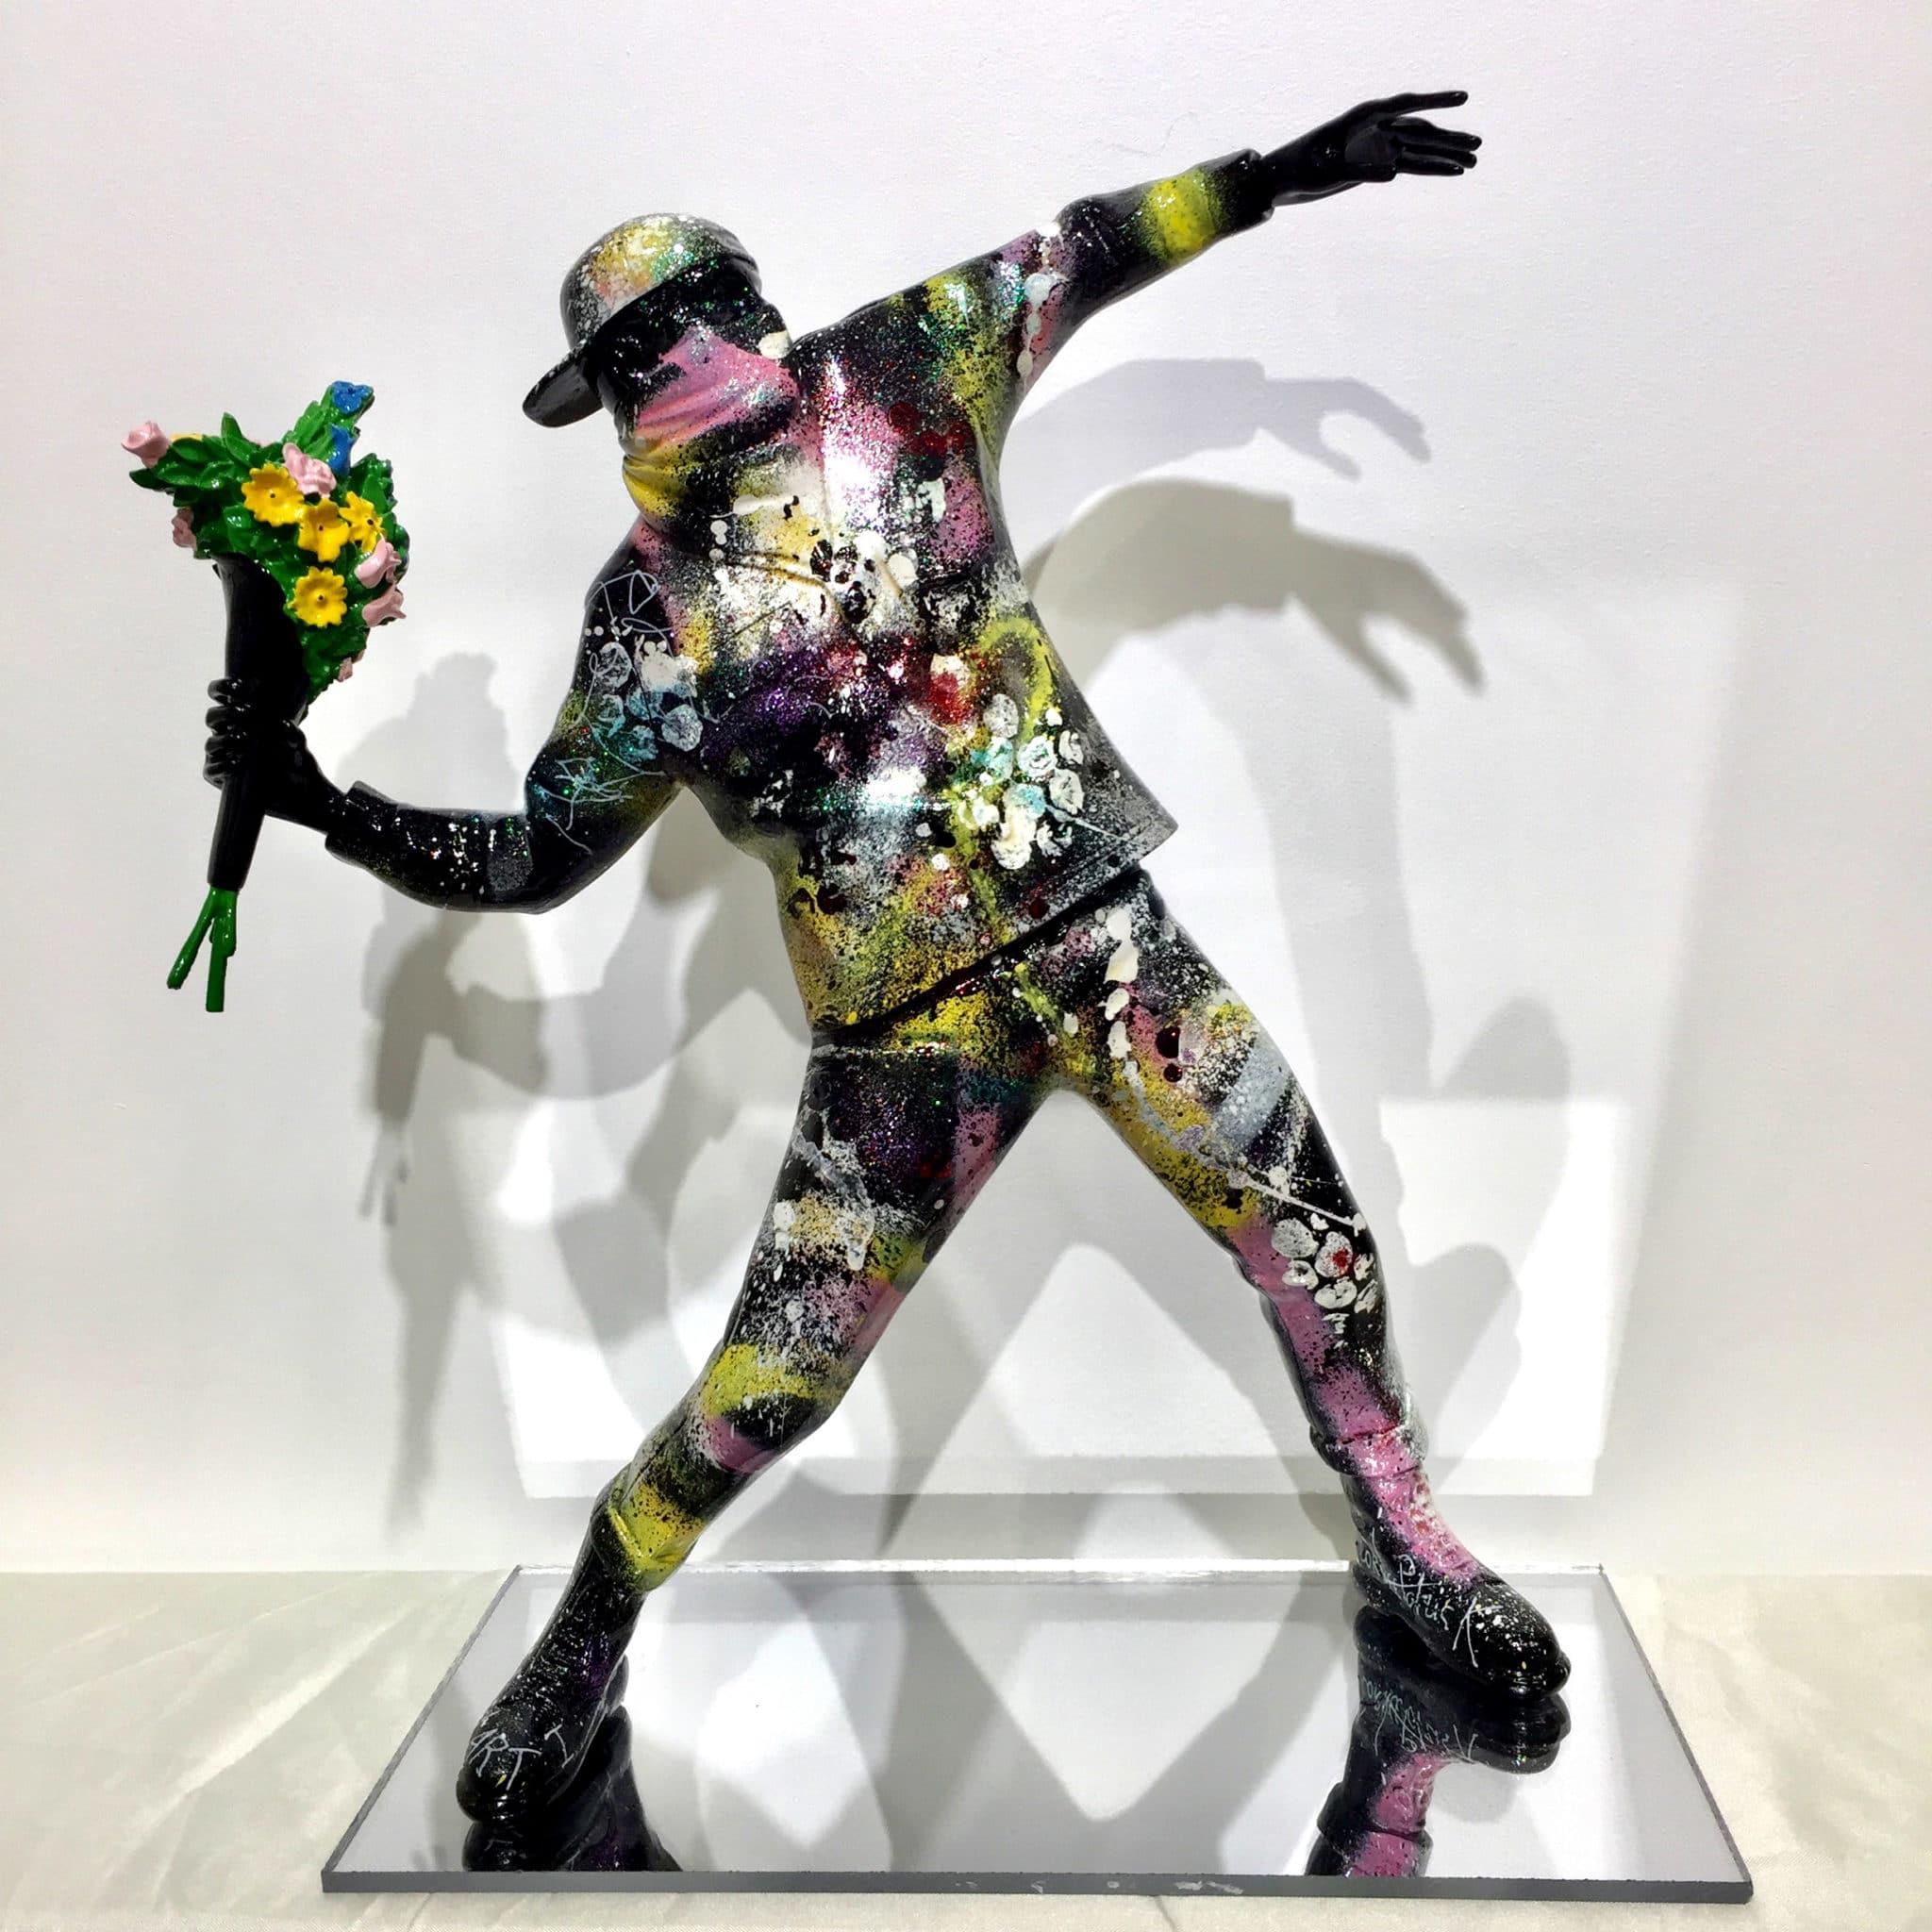 Sculpture flower bomber d'aprés Banksy